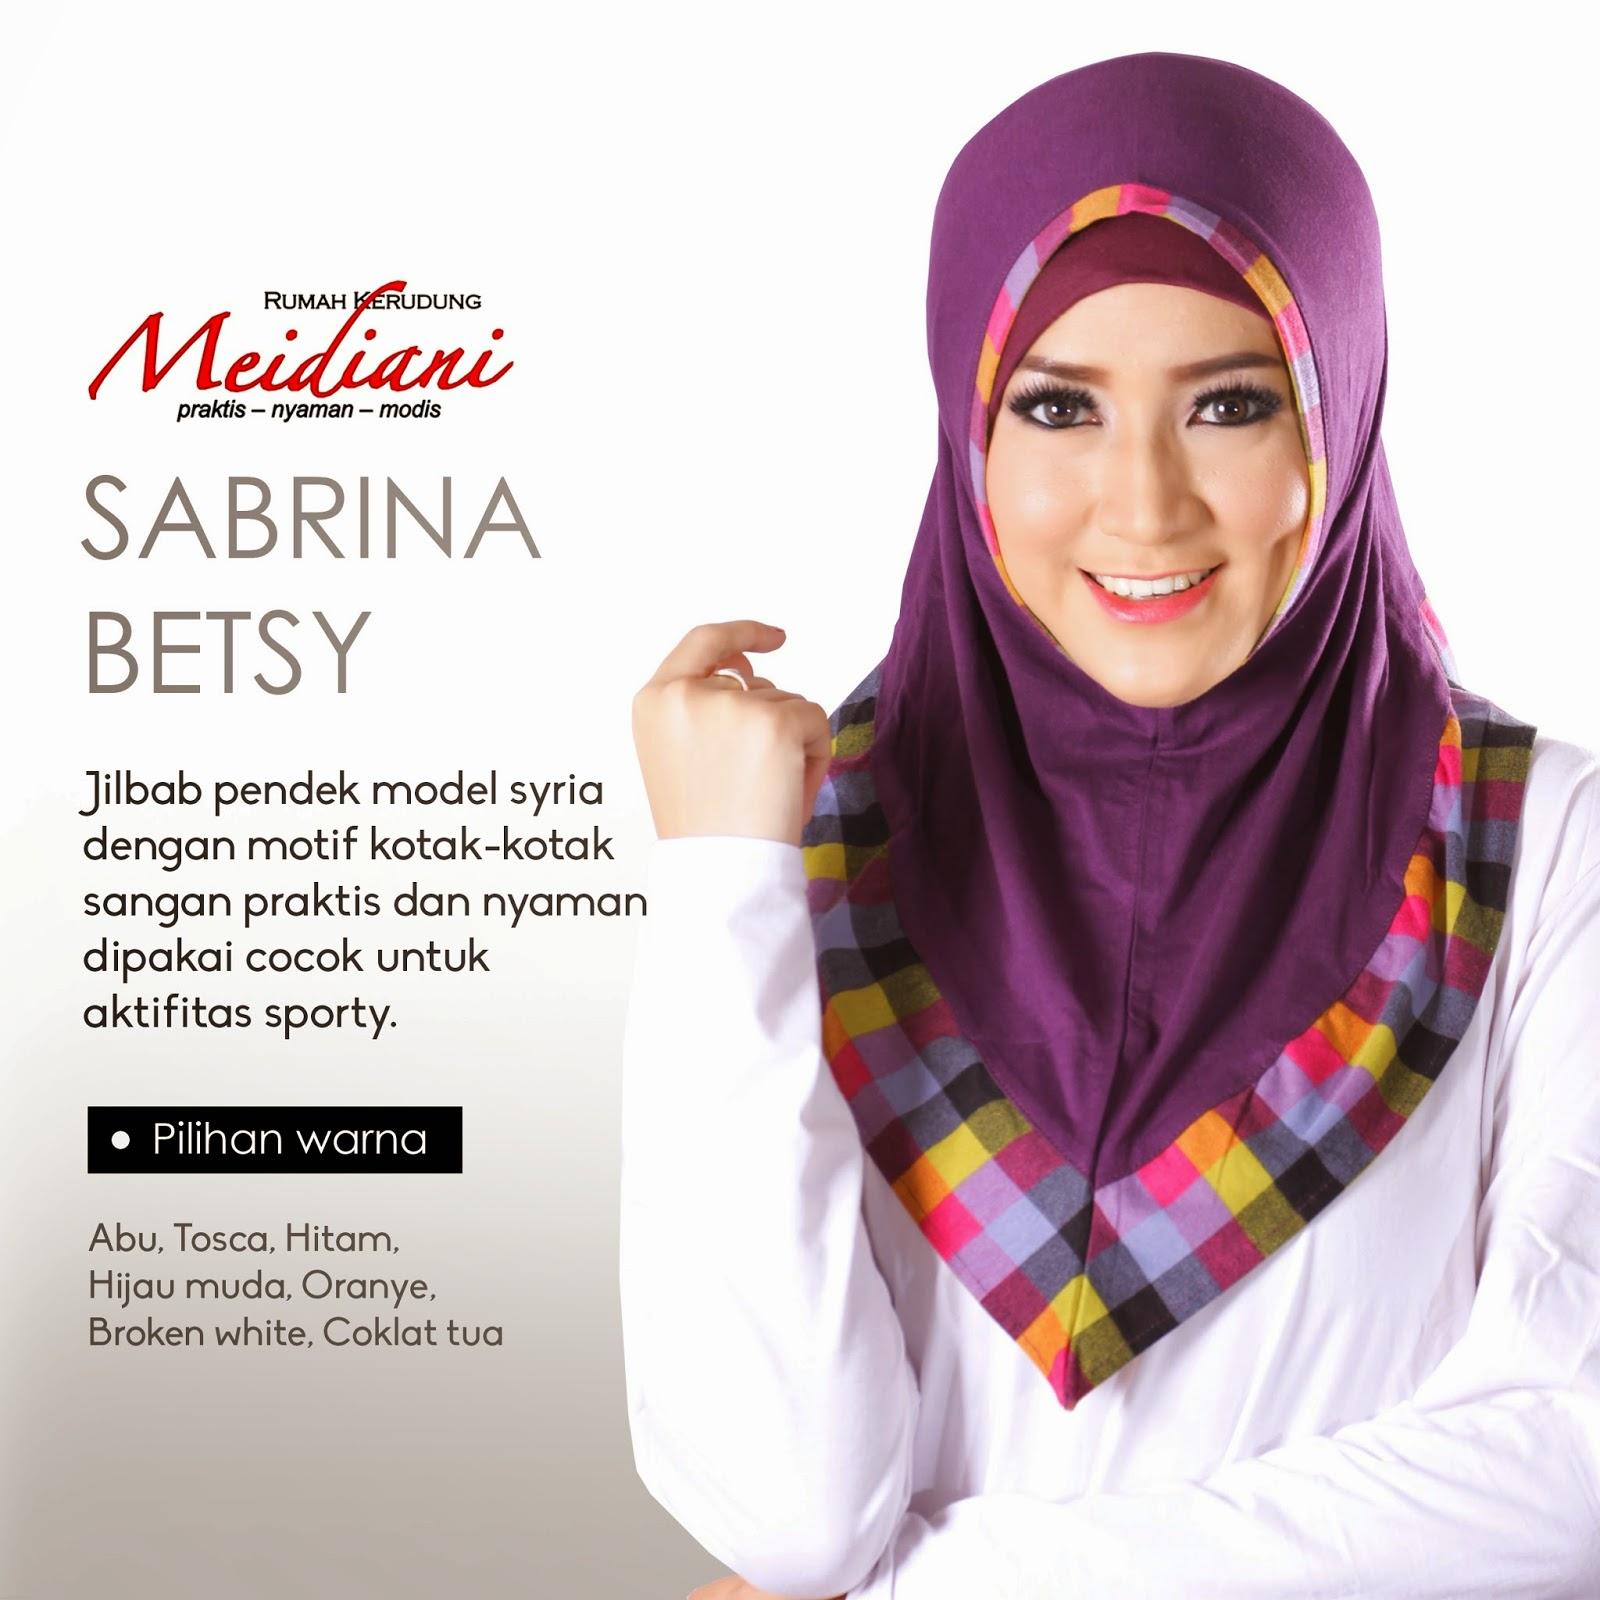 Sabrina Betsy